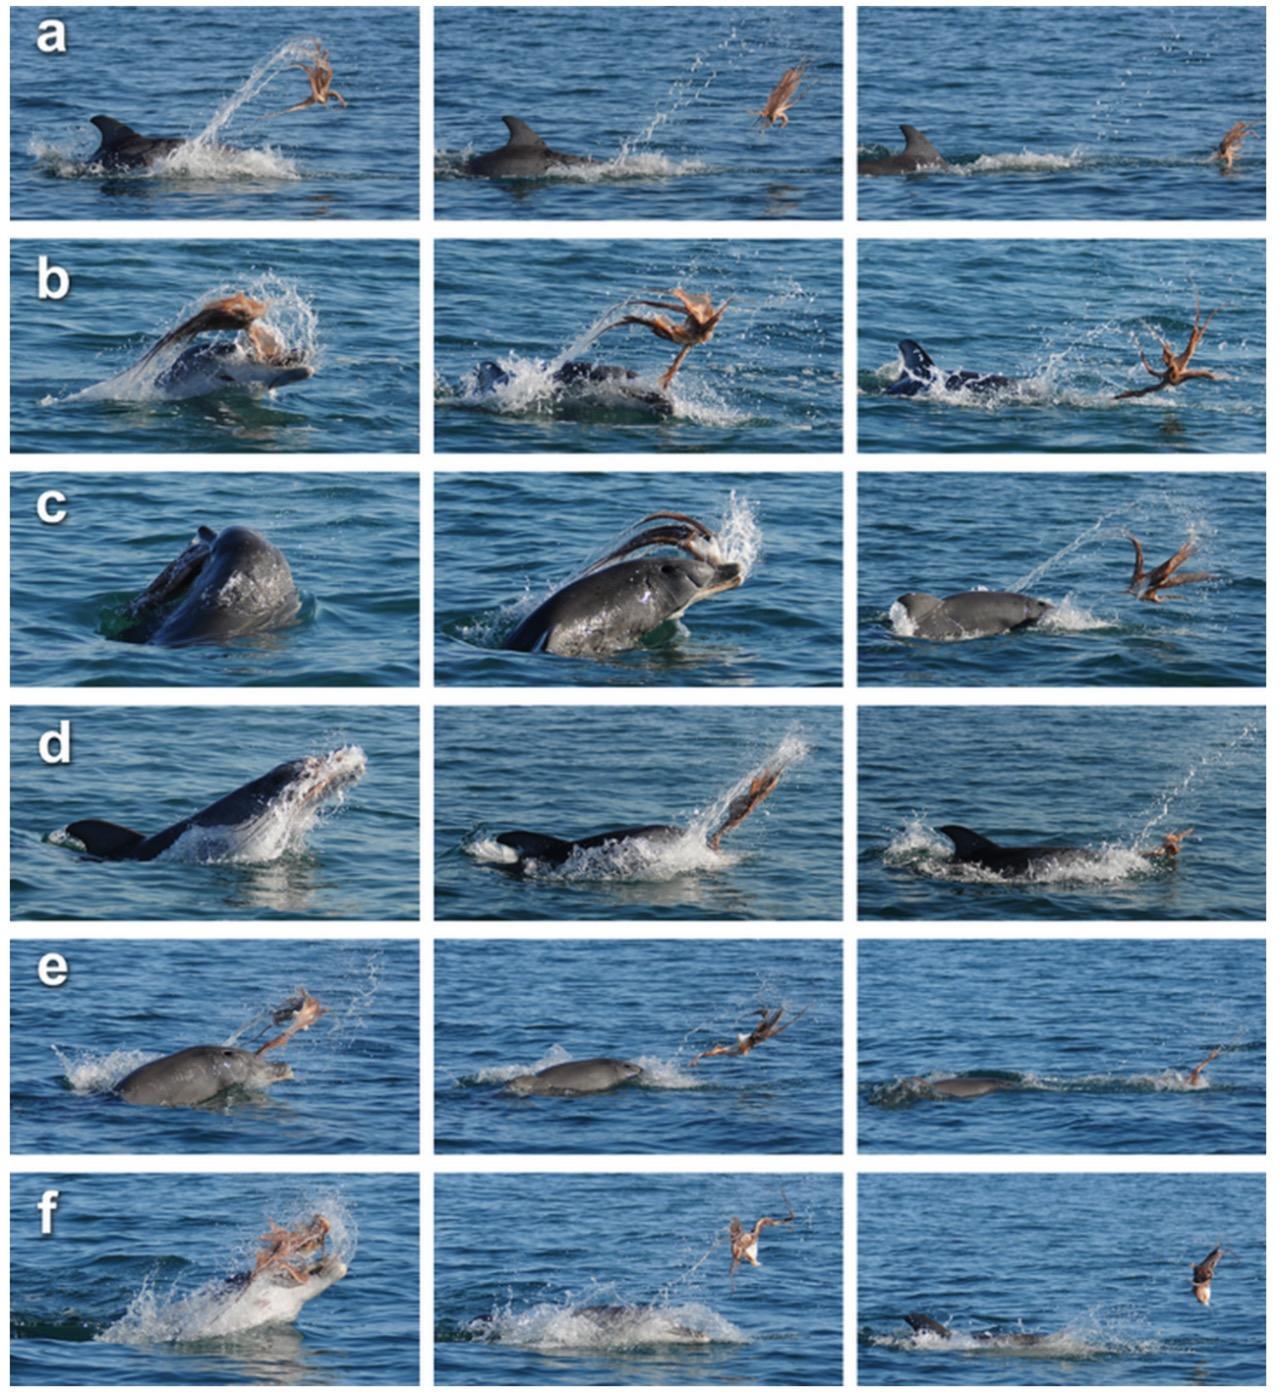 Các tư thế chiến đấu của cá heo và bạch tuộc (ảnh: Marine Mammal Science)